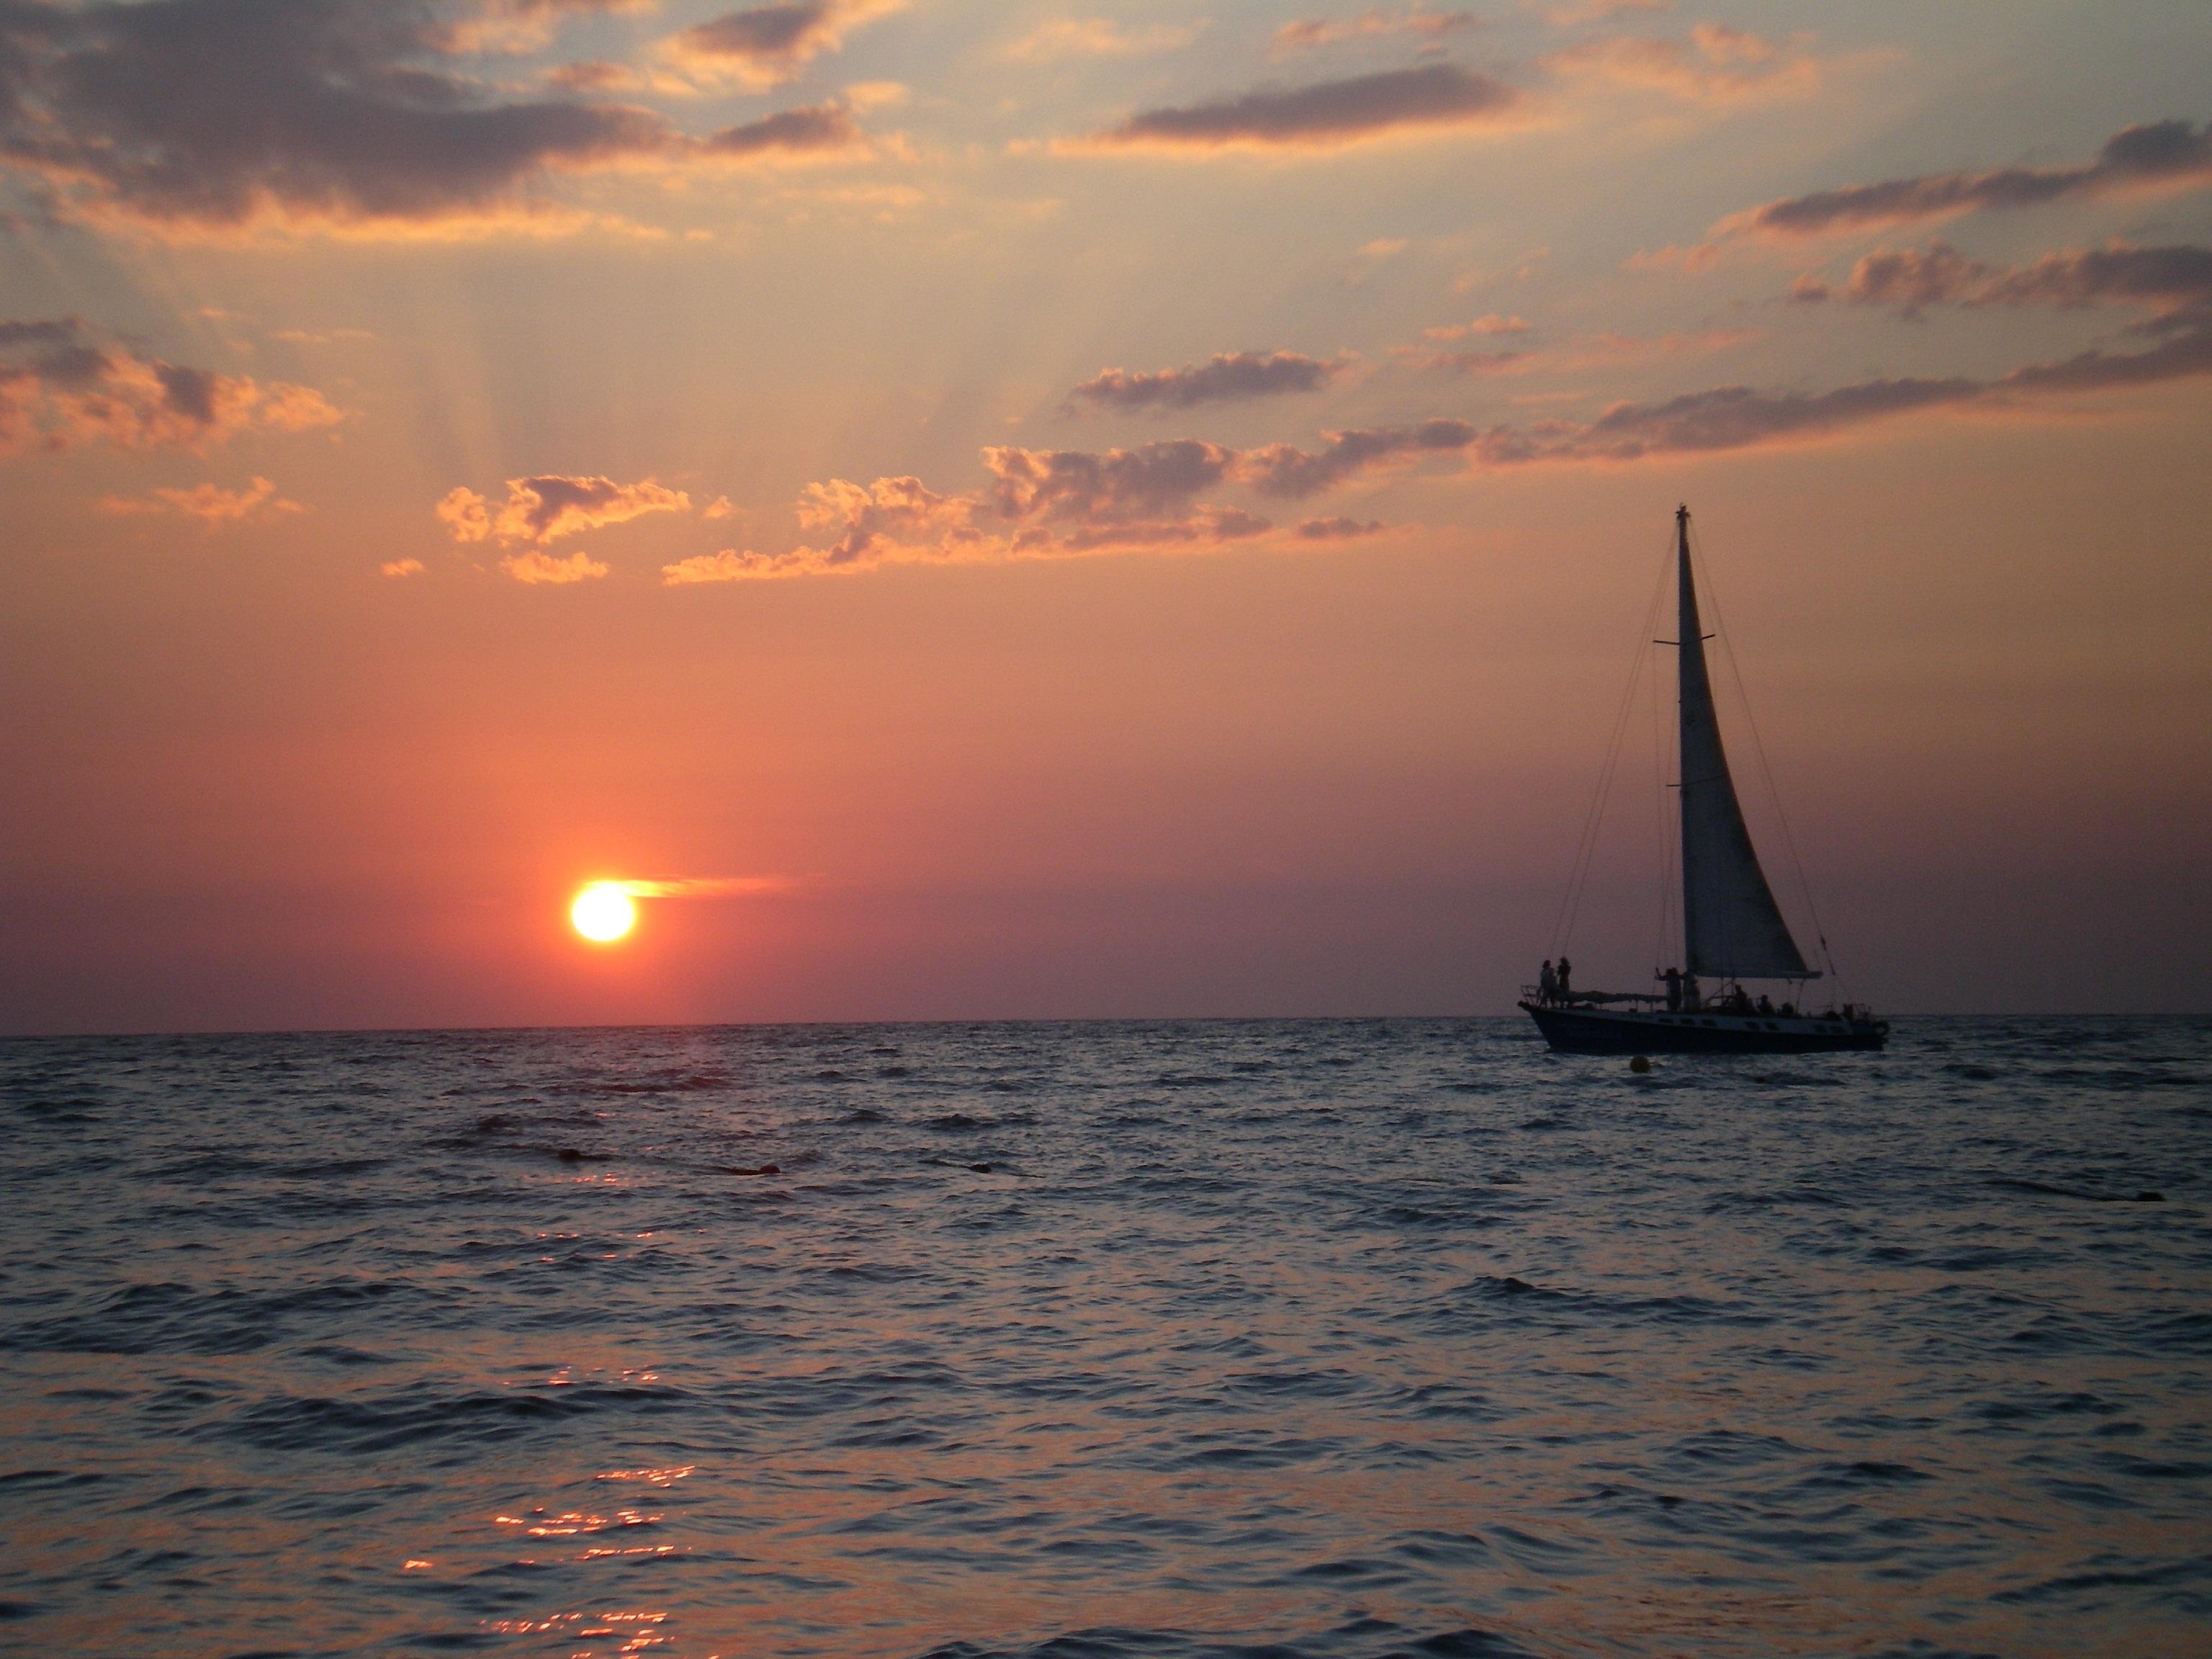 Images gratuites mer c te oc an horizon nuage lever - Photo de voilier gratuite ...